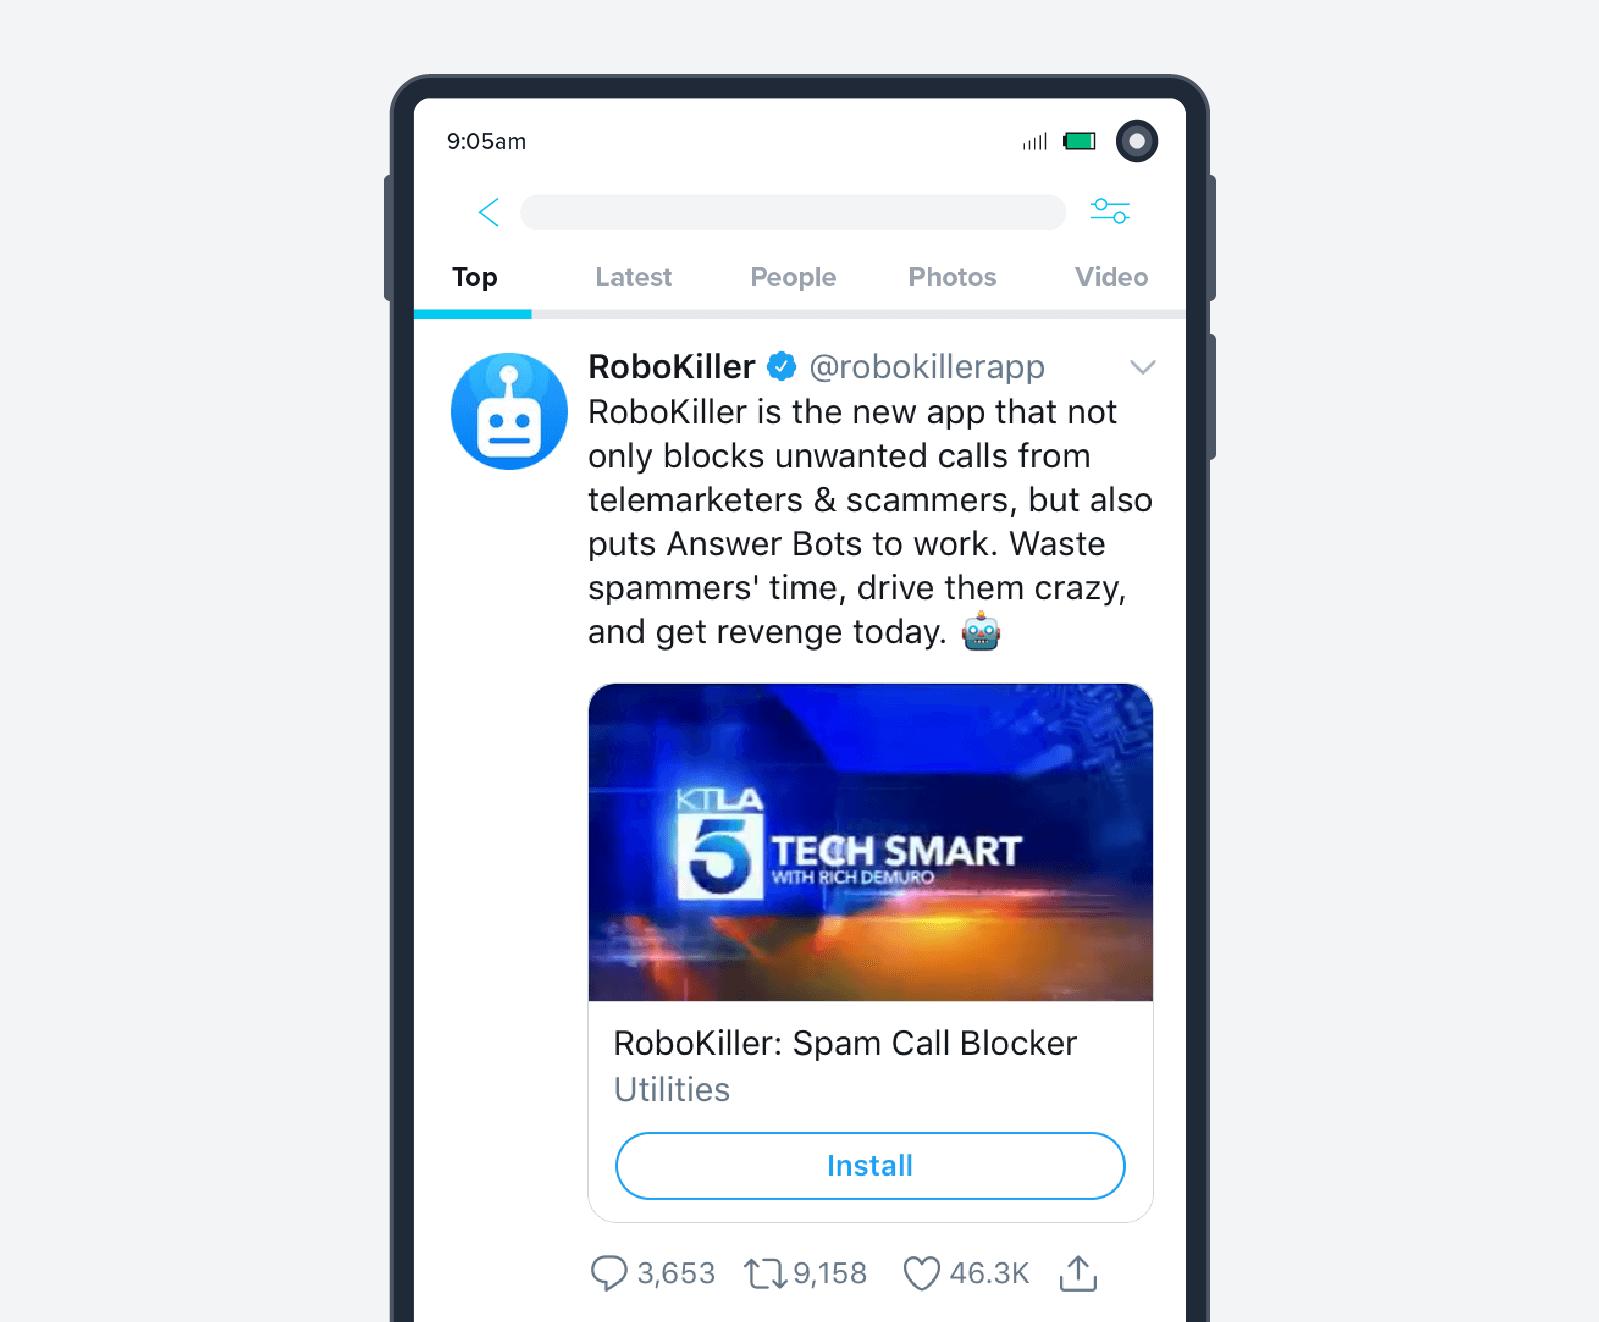 Robokiller app install ad screenshot